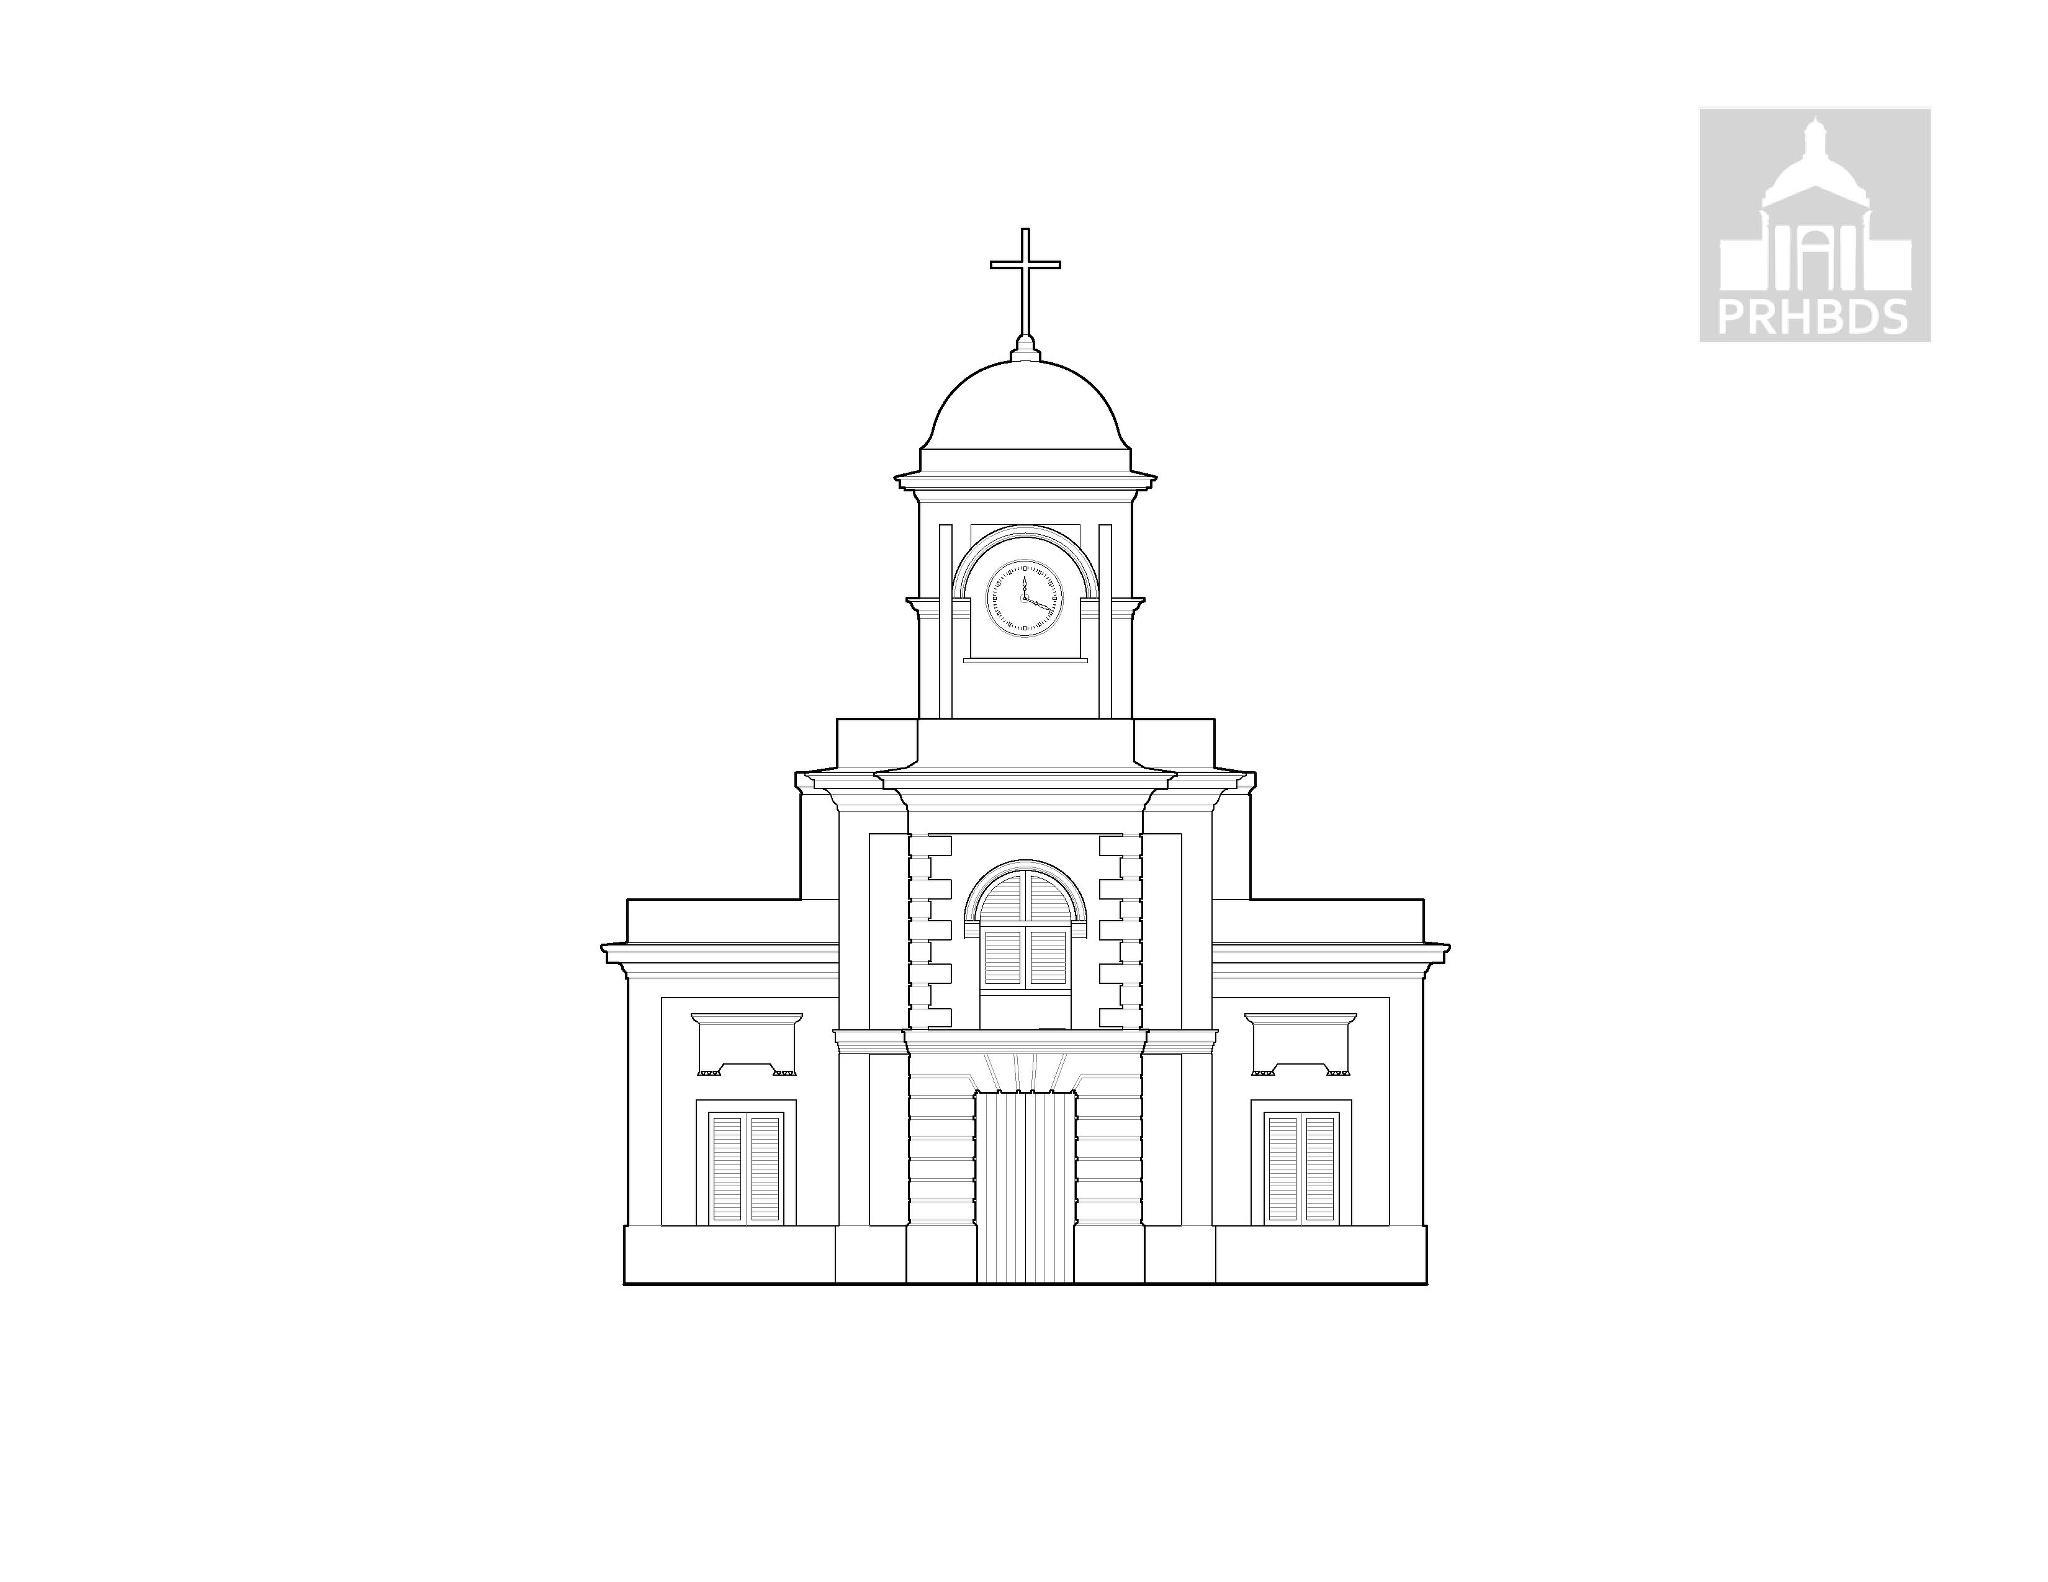 Parroquia Santiago Apóstol – 1869   (Concatedral de la Diócesis de Fajardo-Humacao)   Fajardo, Puerto Rico     Esta iglesia esta certificada por la Ciudad del Vaticano y por el Papa como una catedral al albergar en ella al obispo Eusebio Ramos Morales. Esta catedral se encuentra en la plaza pública.